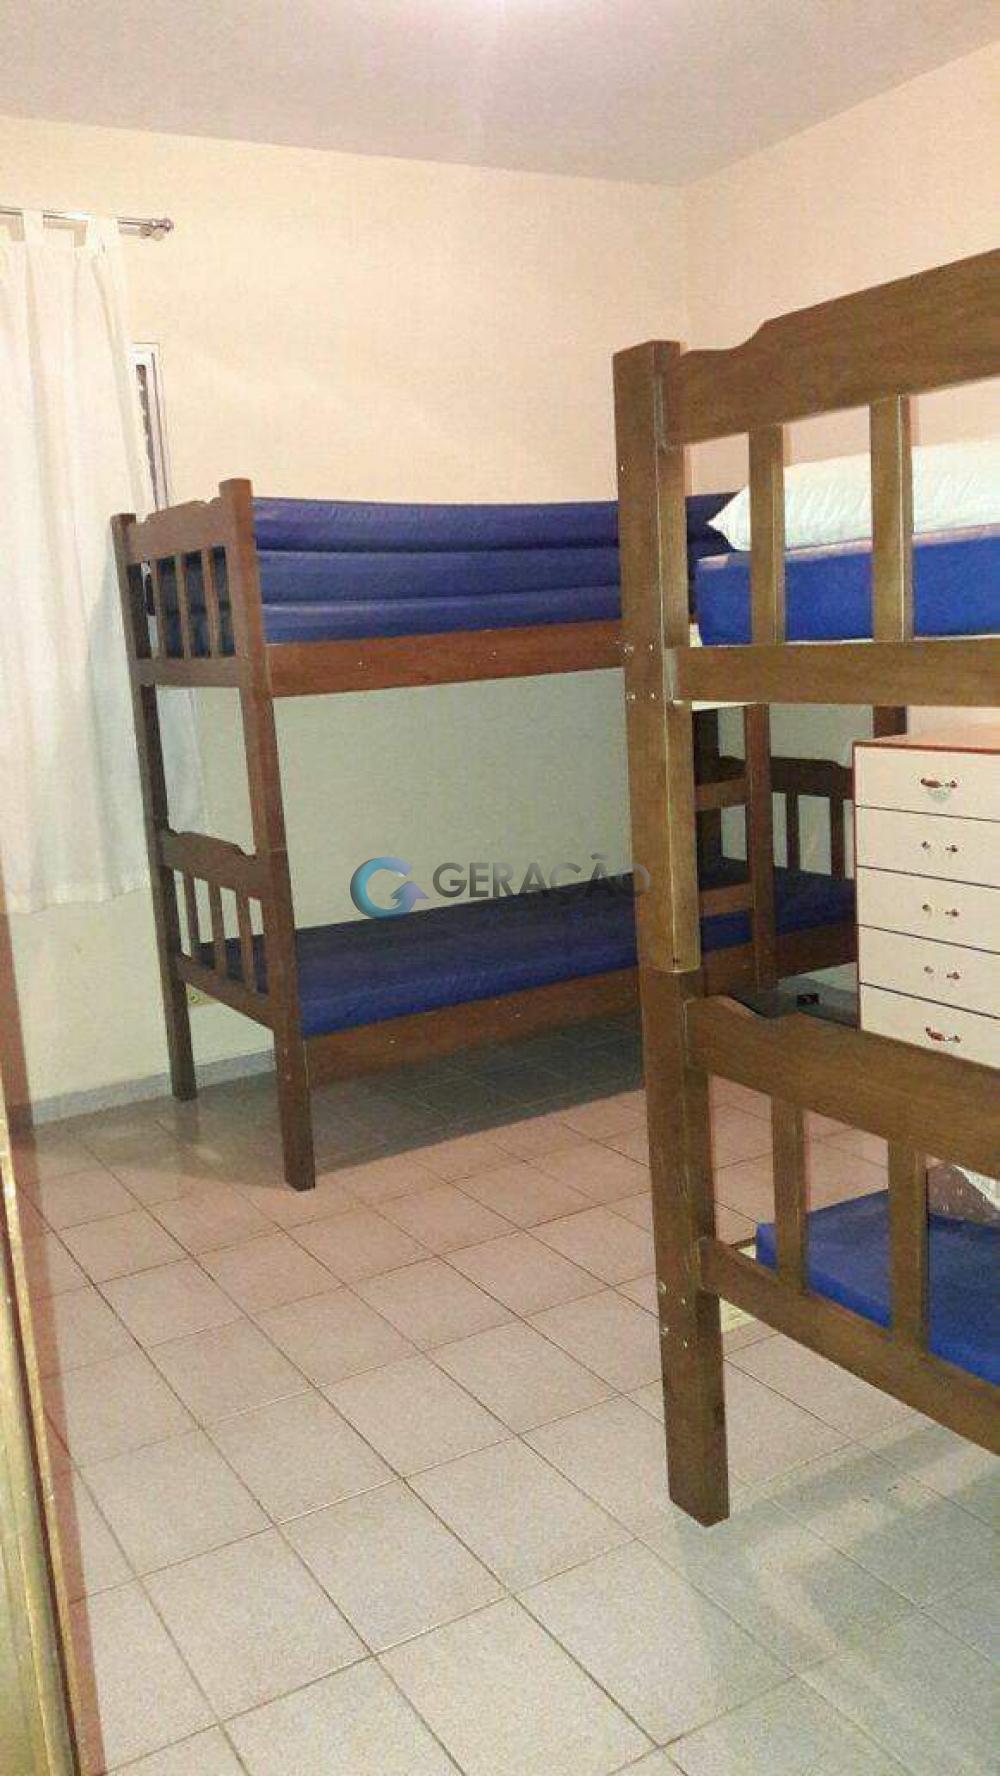 Comprar Apartamento / Padrão em Caraguatatuba R$ 250.000,00 - Foto 13